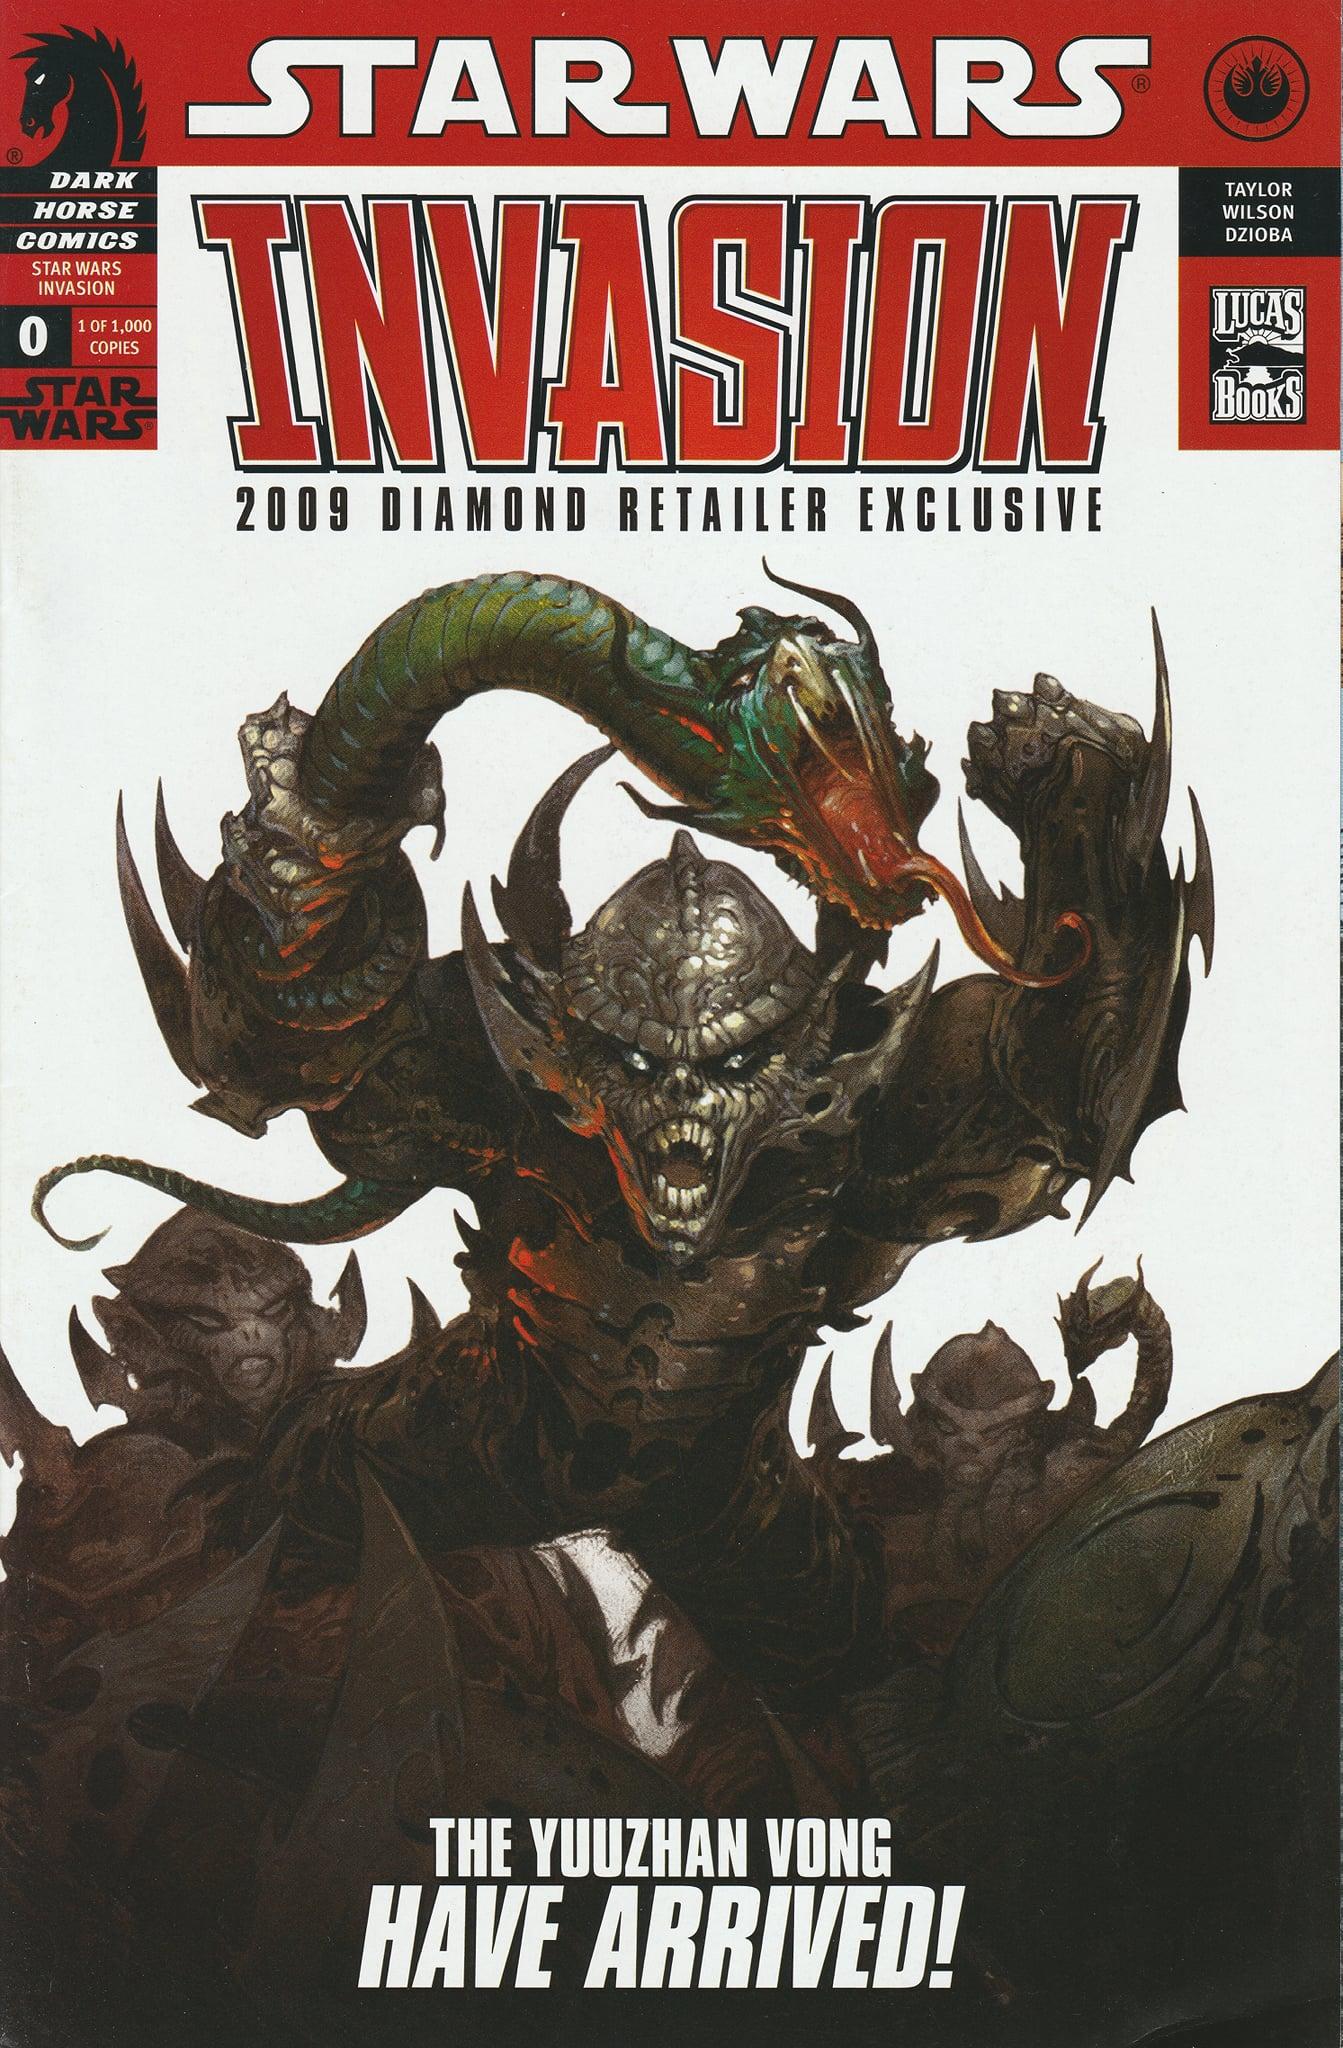 Invasion #0 (2009 Diamond Retailer Exclusive Variant Cover) (2009)